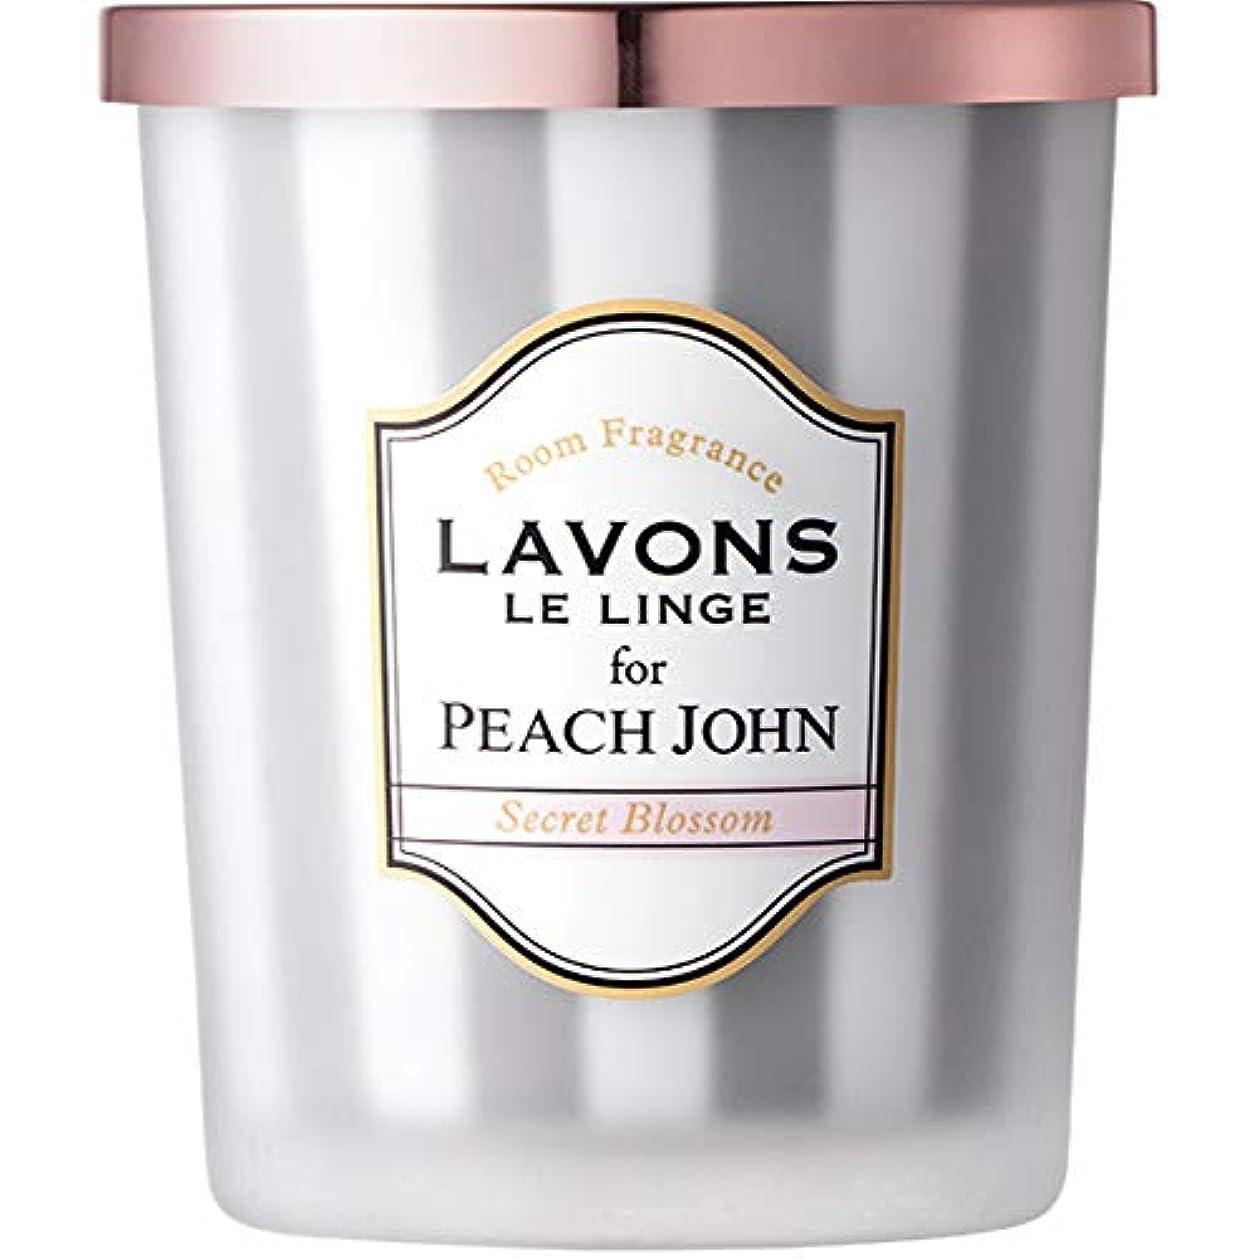 怪物ワードローブディスクラボン for PEACH JOHN 部屋用フレグランス シークレットブロッサムの香り 150g